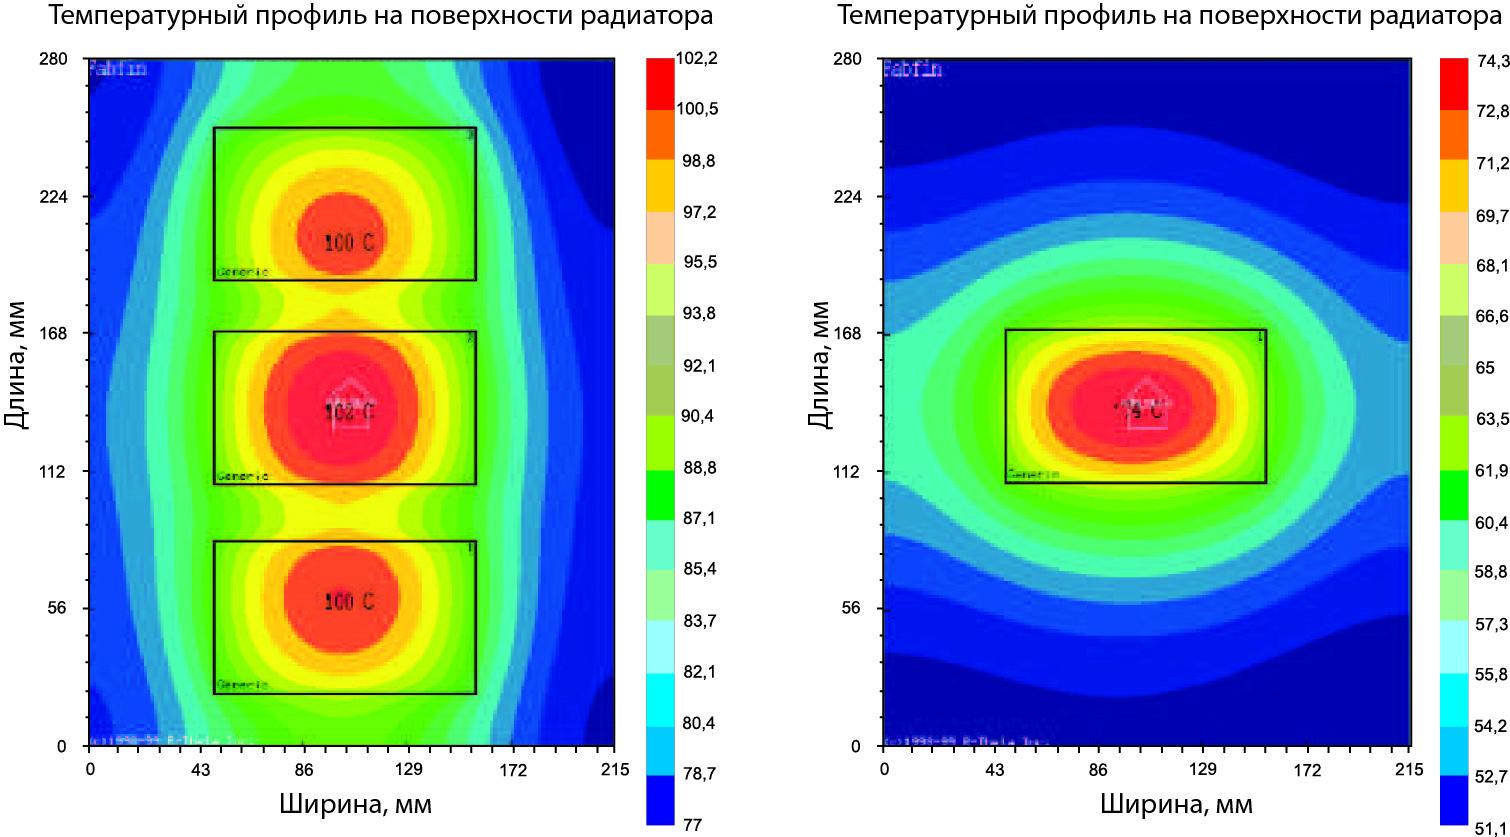 Тепловое сопротивление профиля Р16 при различном количестве n и размере b источников тепла, а также разной длине профиля